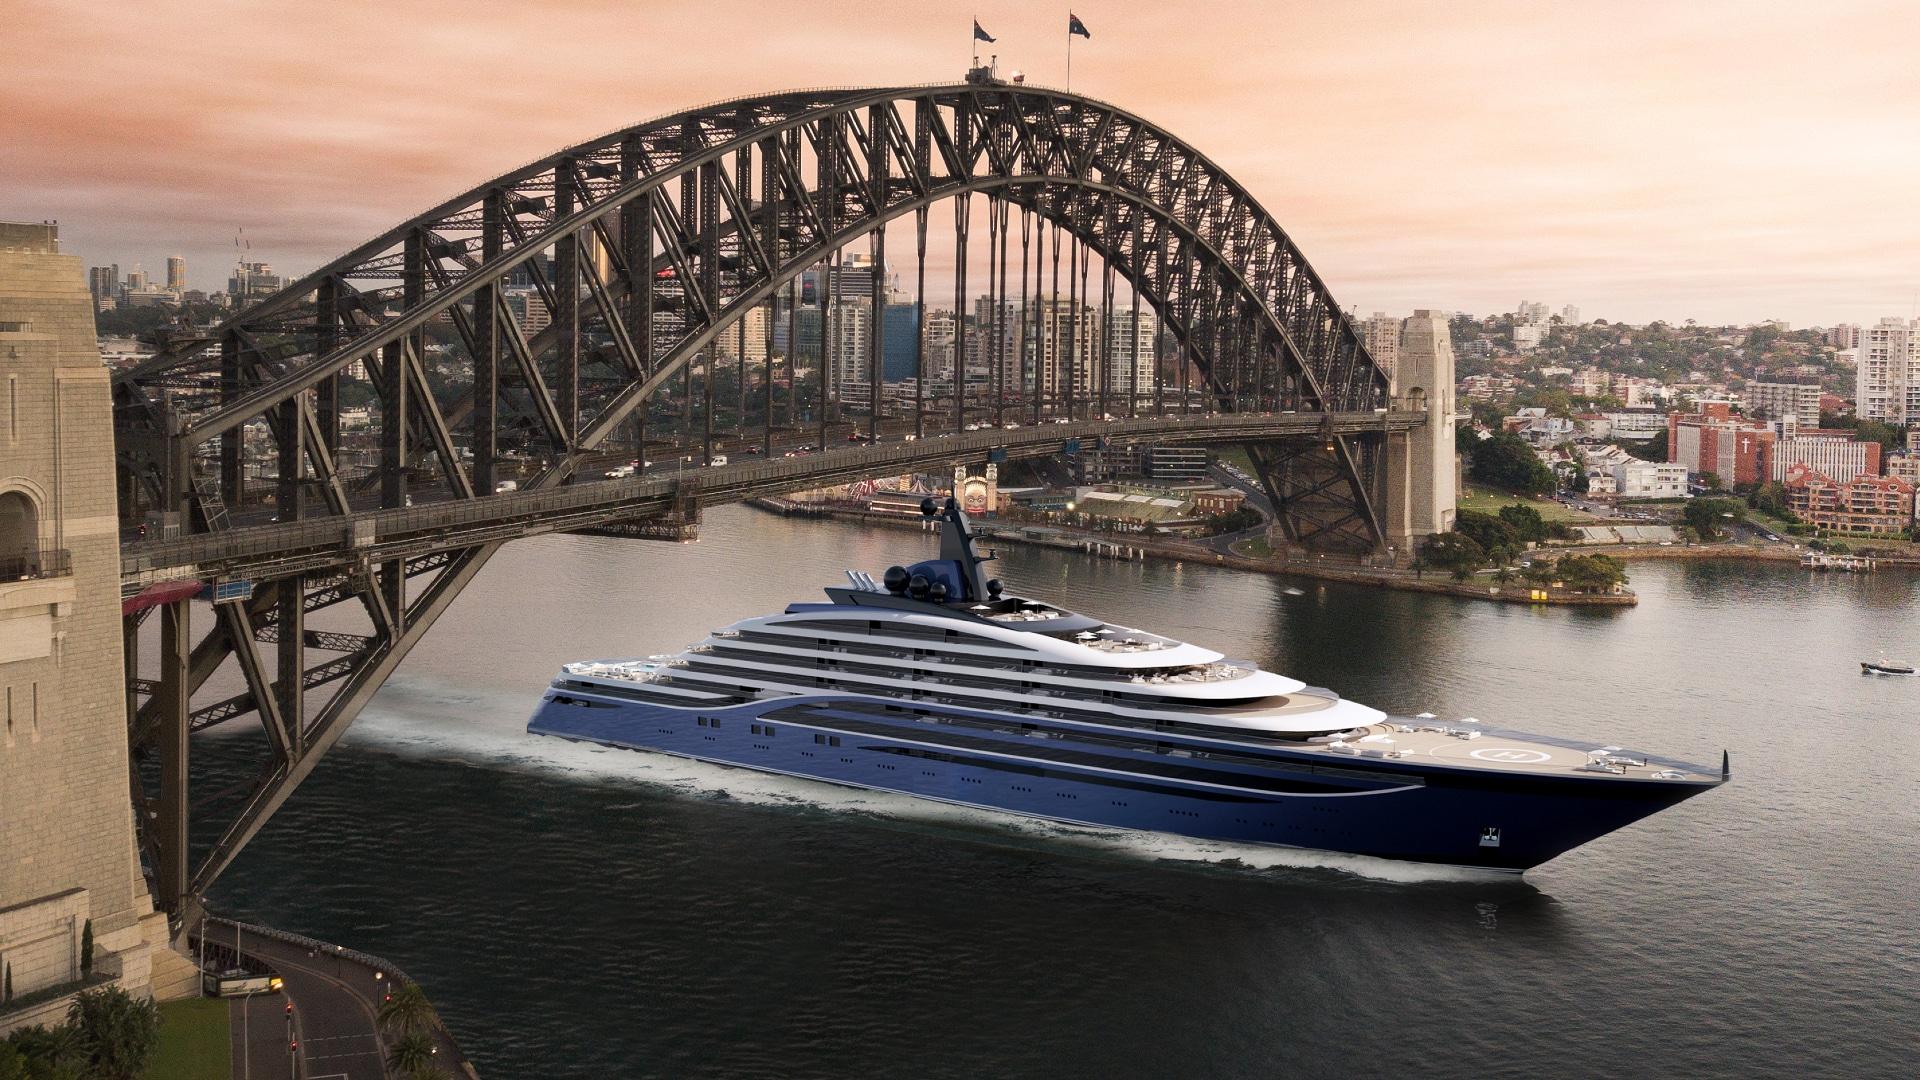 Somnio Worlds Largest Superyacht